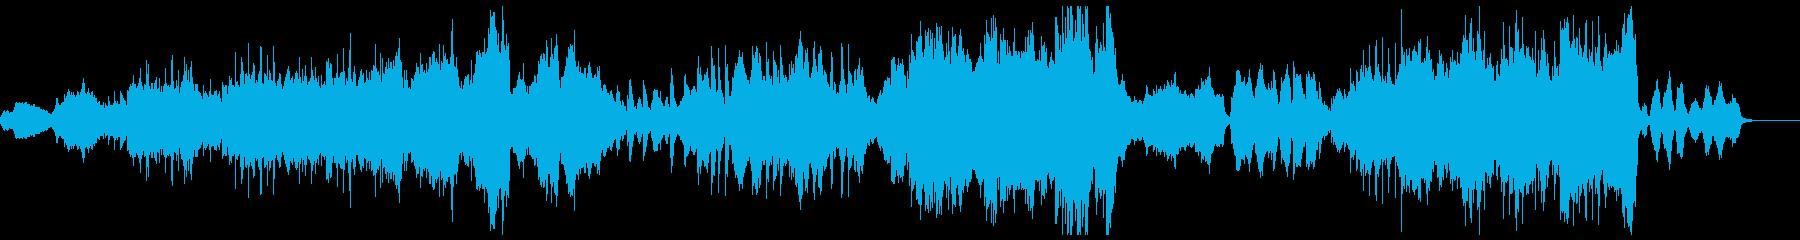 切ないピアノと弦楽器アンサンブルの再生済みの波形